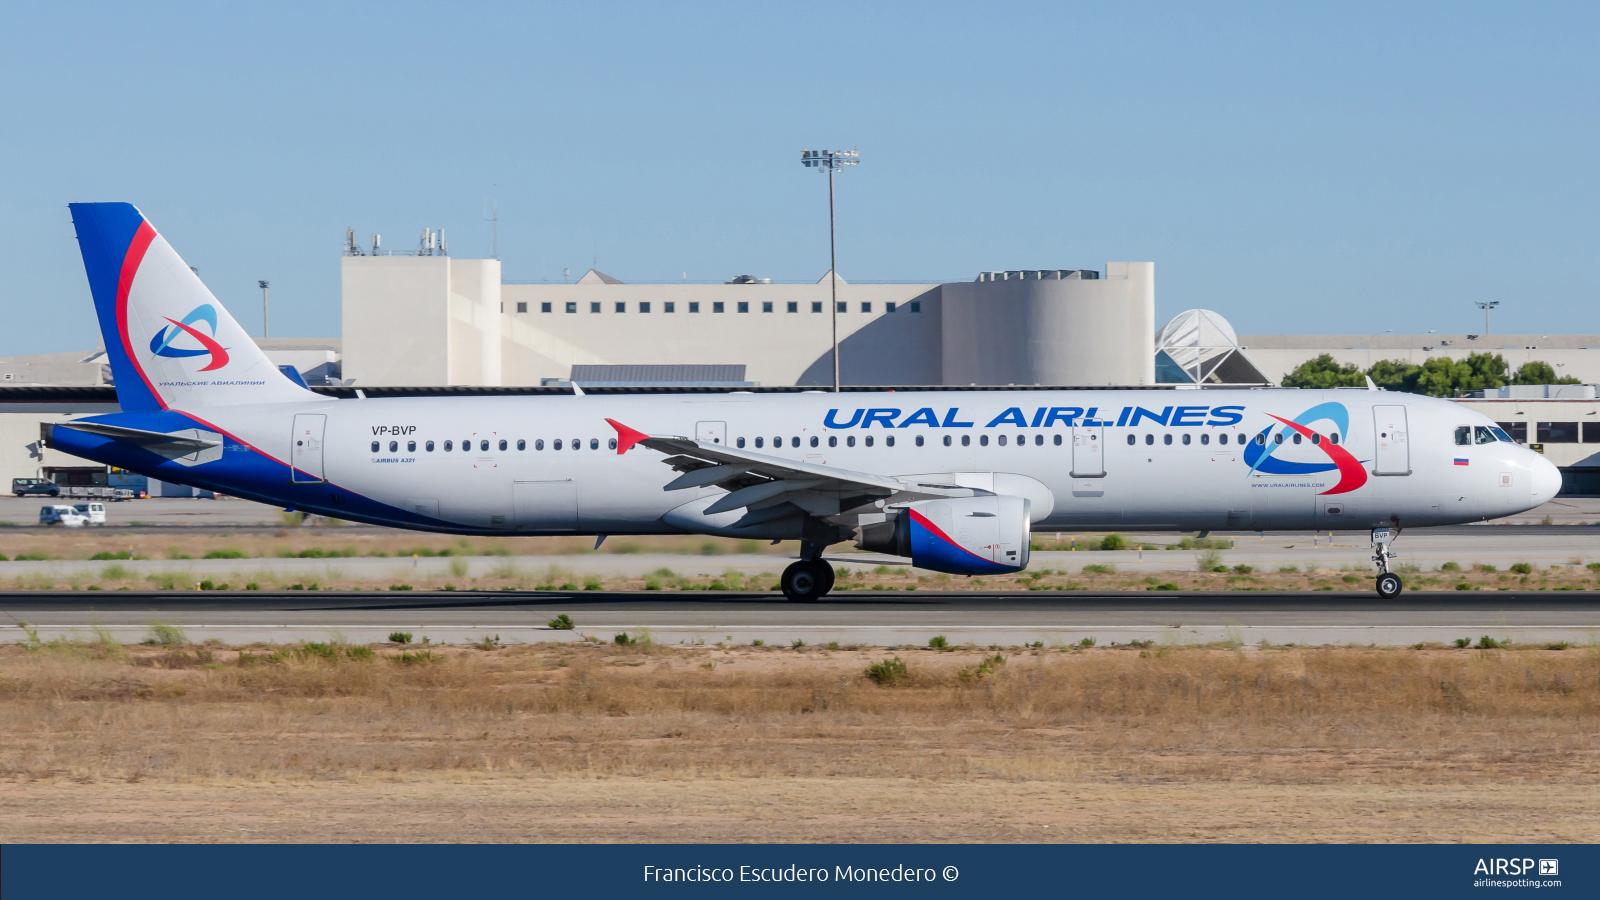 Ural AirlinesAirbus A321VP-BVP